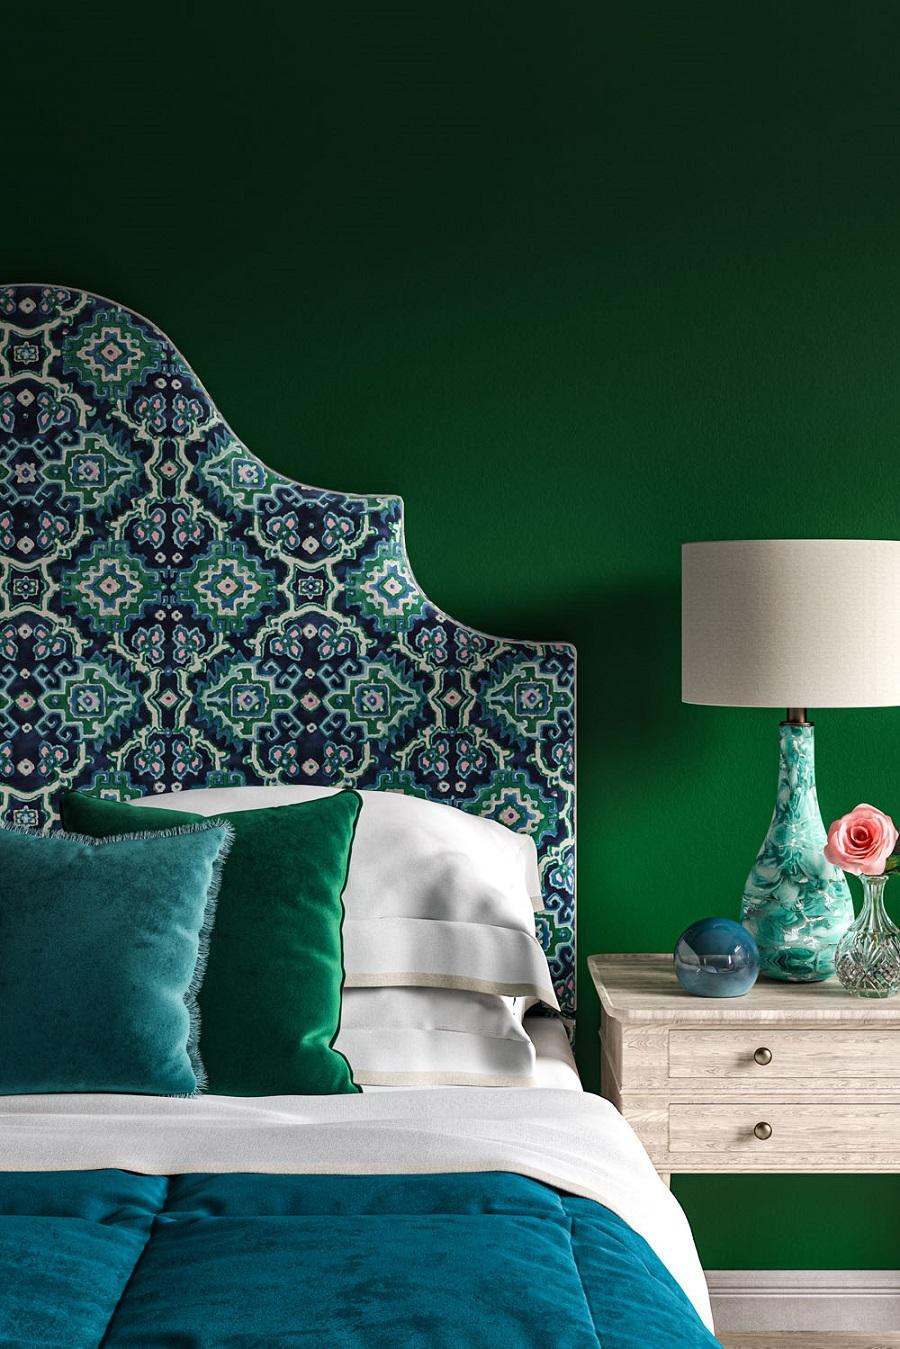 غرفة نوم باللون الأخضر والأزرق مع لوح رأسي رائع